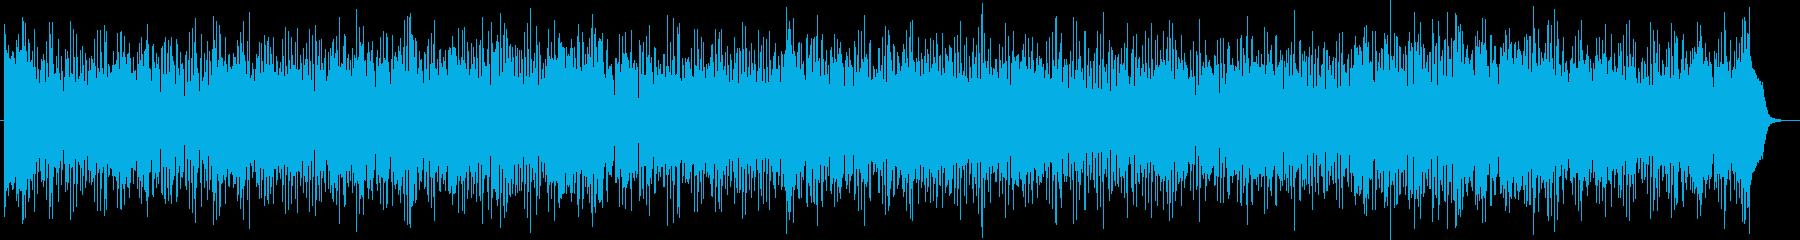 ロマンティックなシンセサイザーの曲の再生済みの波形